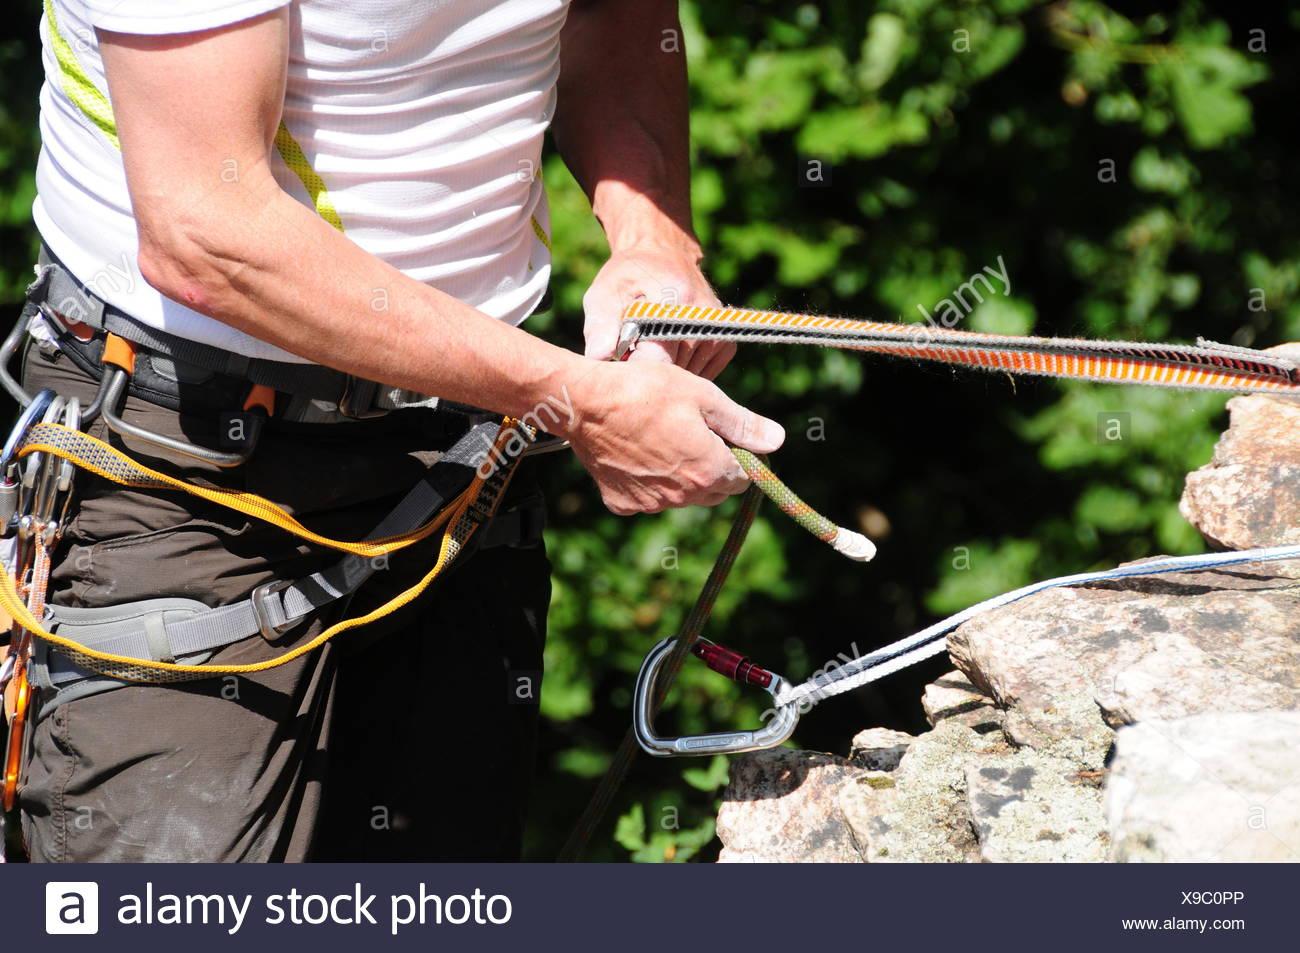 Kletterausrüstung Outdoor : Kletterausrüstung quickdraw expressschlingen klettern